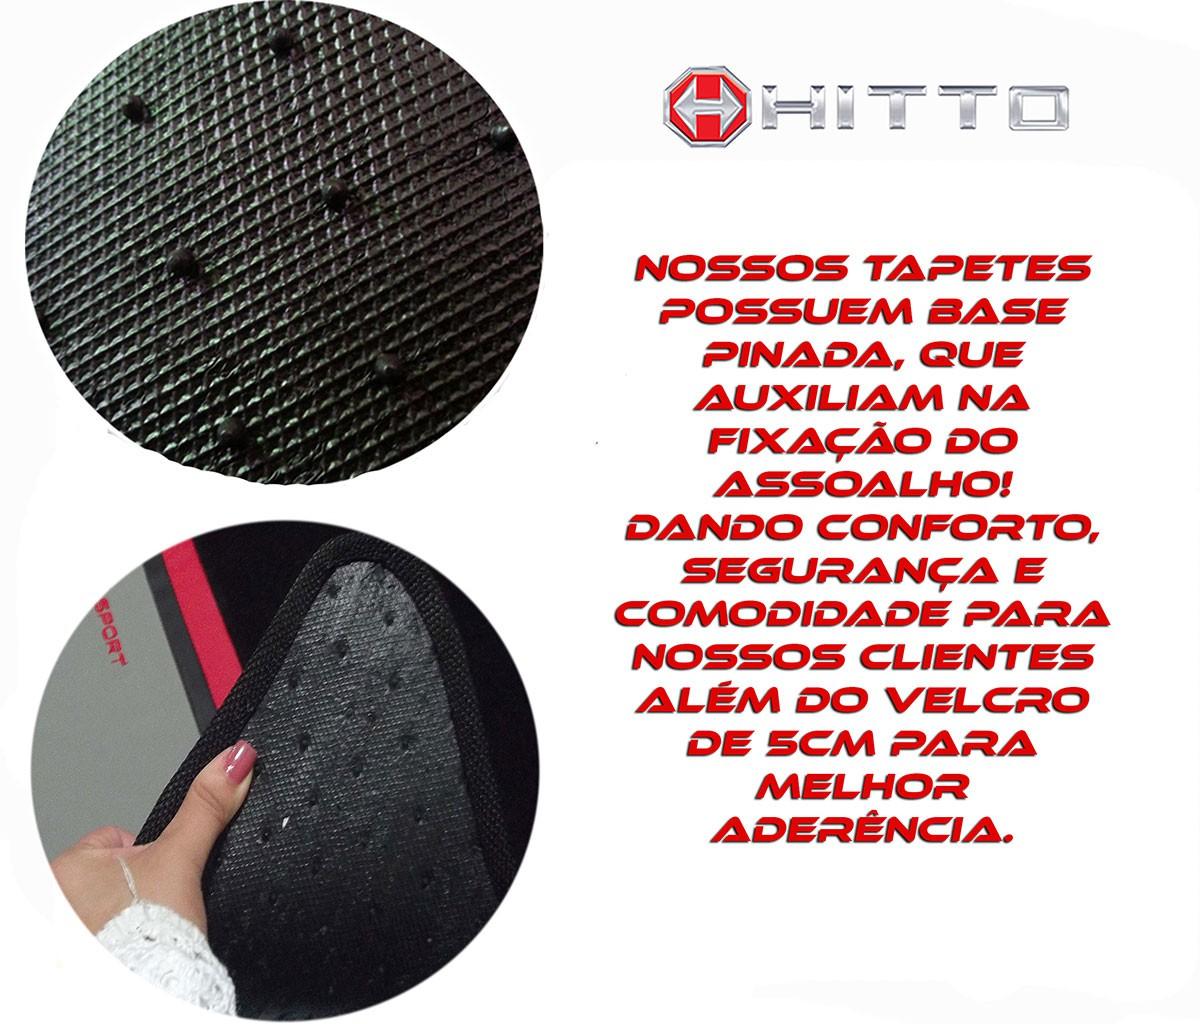 Tapete Fiat Uno Sporting Borracha Pvc Base Pinada Hitto